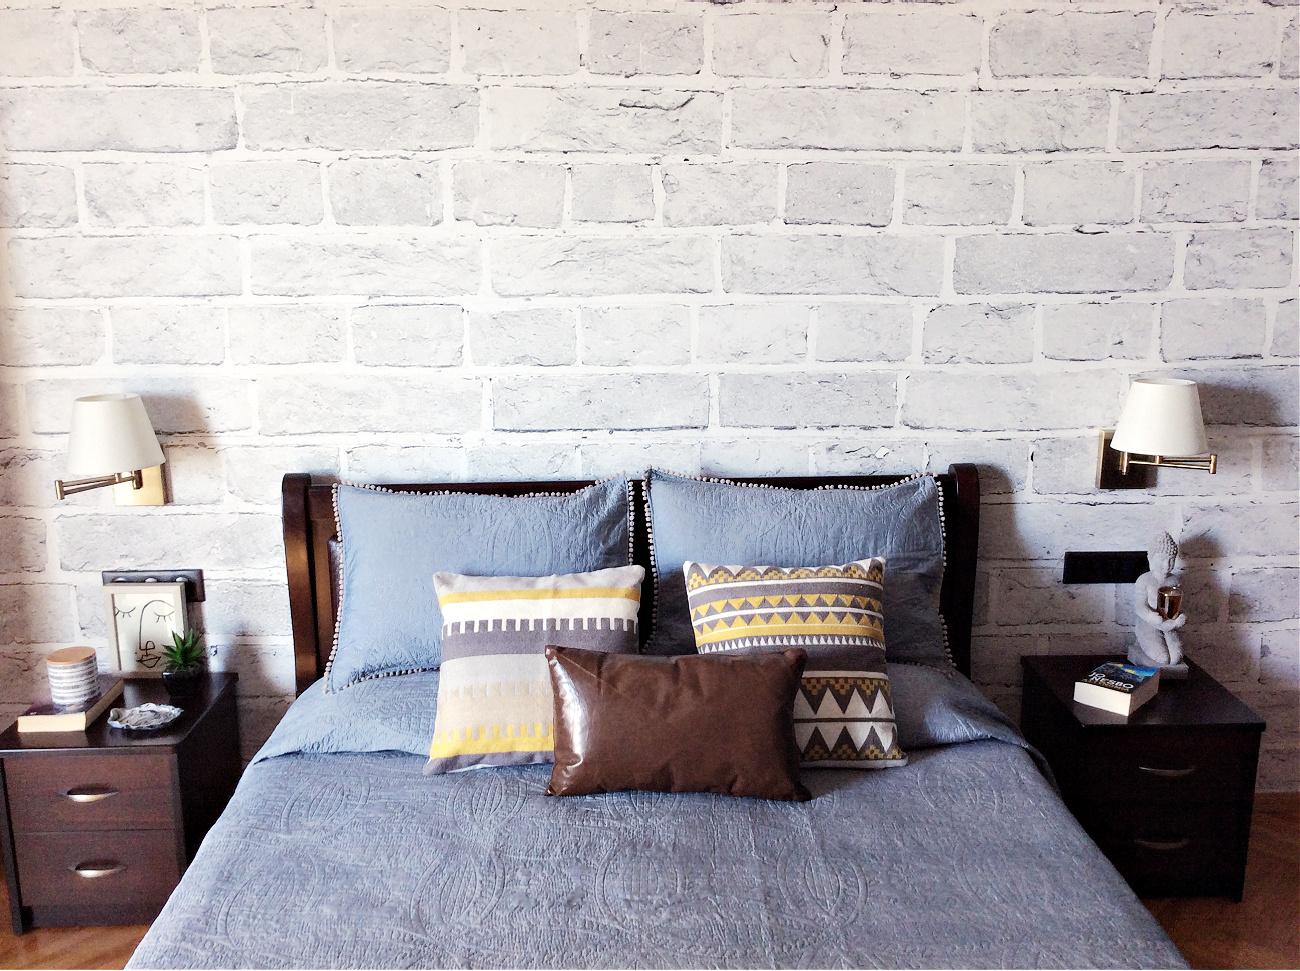 Διακόσμηση κρεβατοκάμαρας με ταπετσαρία - Πως να την τοποθετήσεις